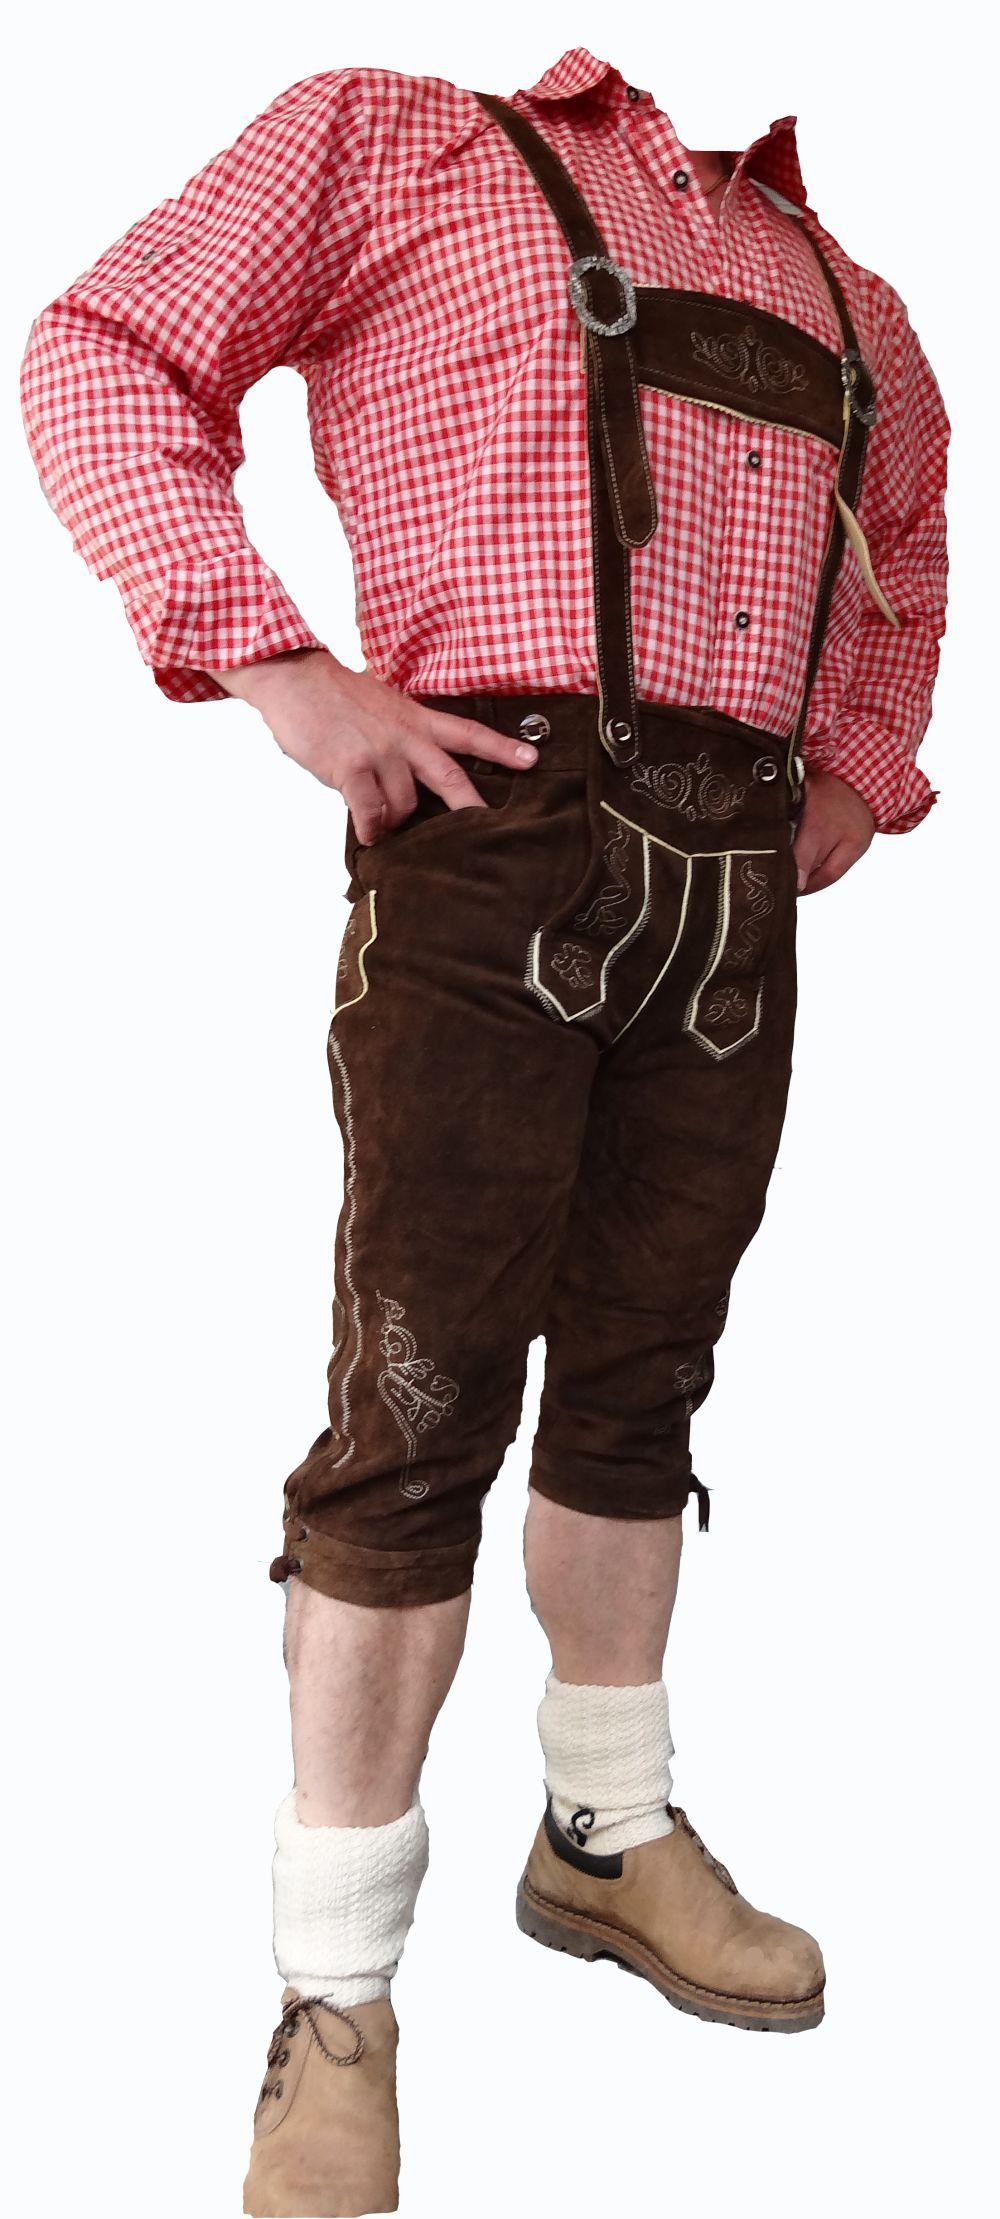 Trachten Lederhose Wildleder braun Steg Hosenträger Oktoberfest 46 - 64